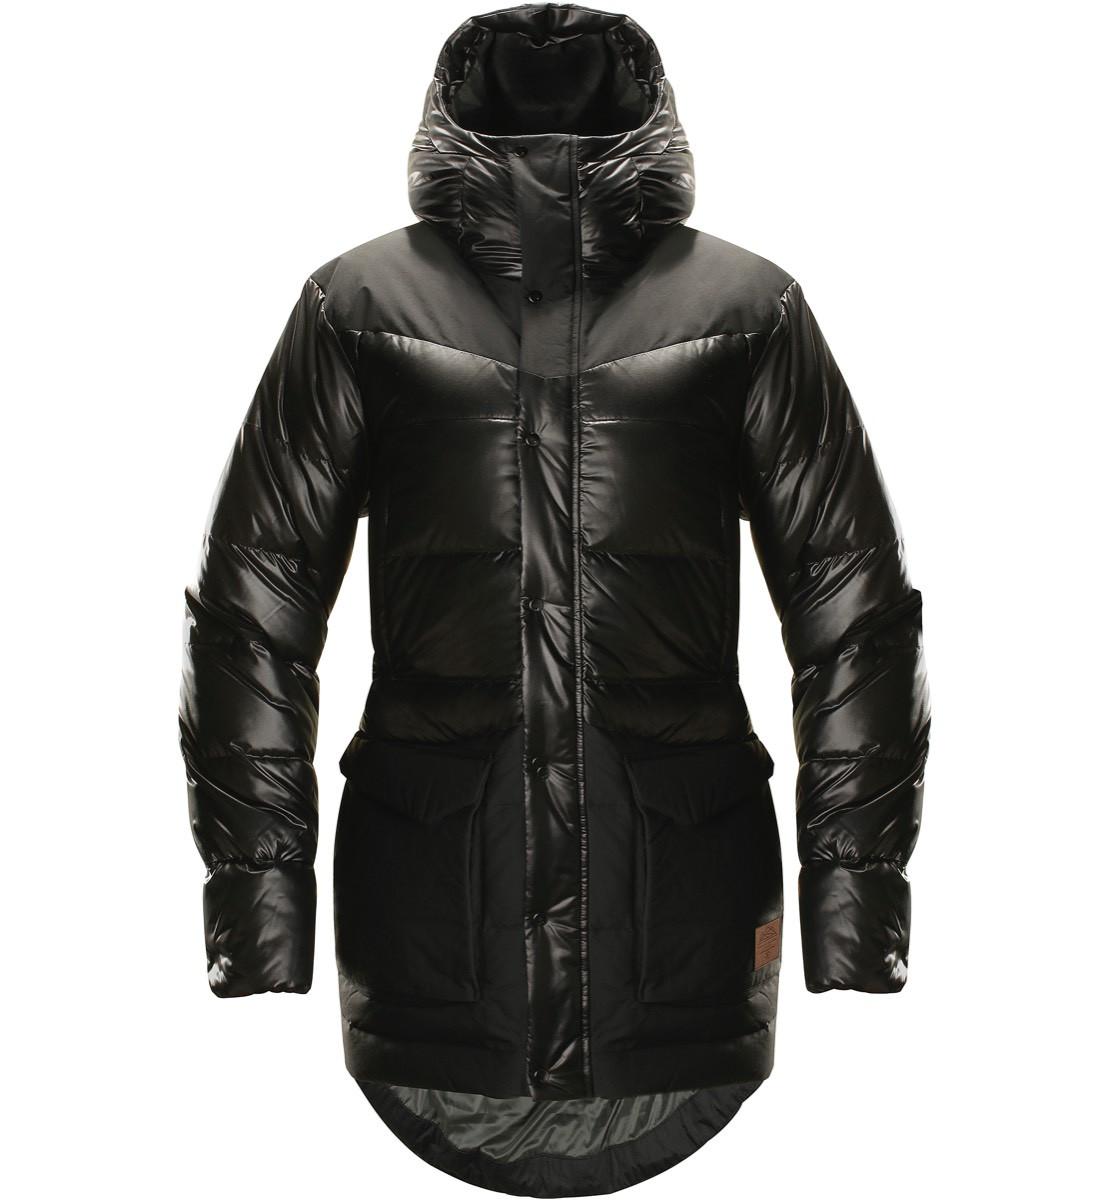 e0889f28 Haglöfs Venjan Down Jacket Women True Black | Fjellsport.no